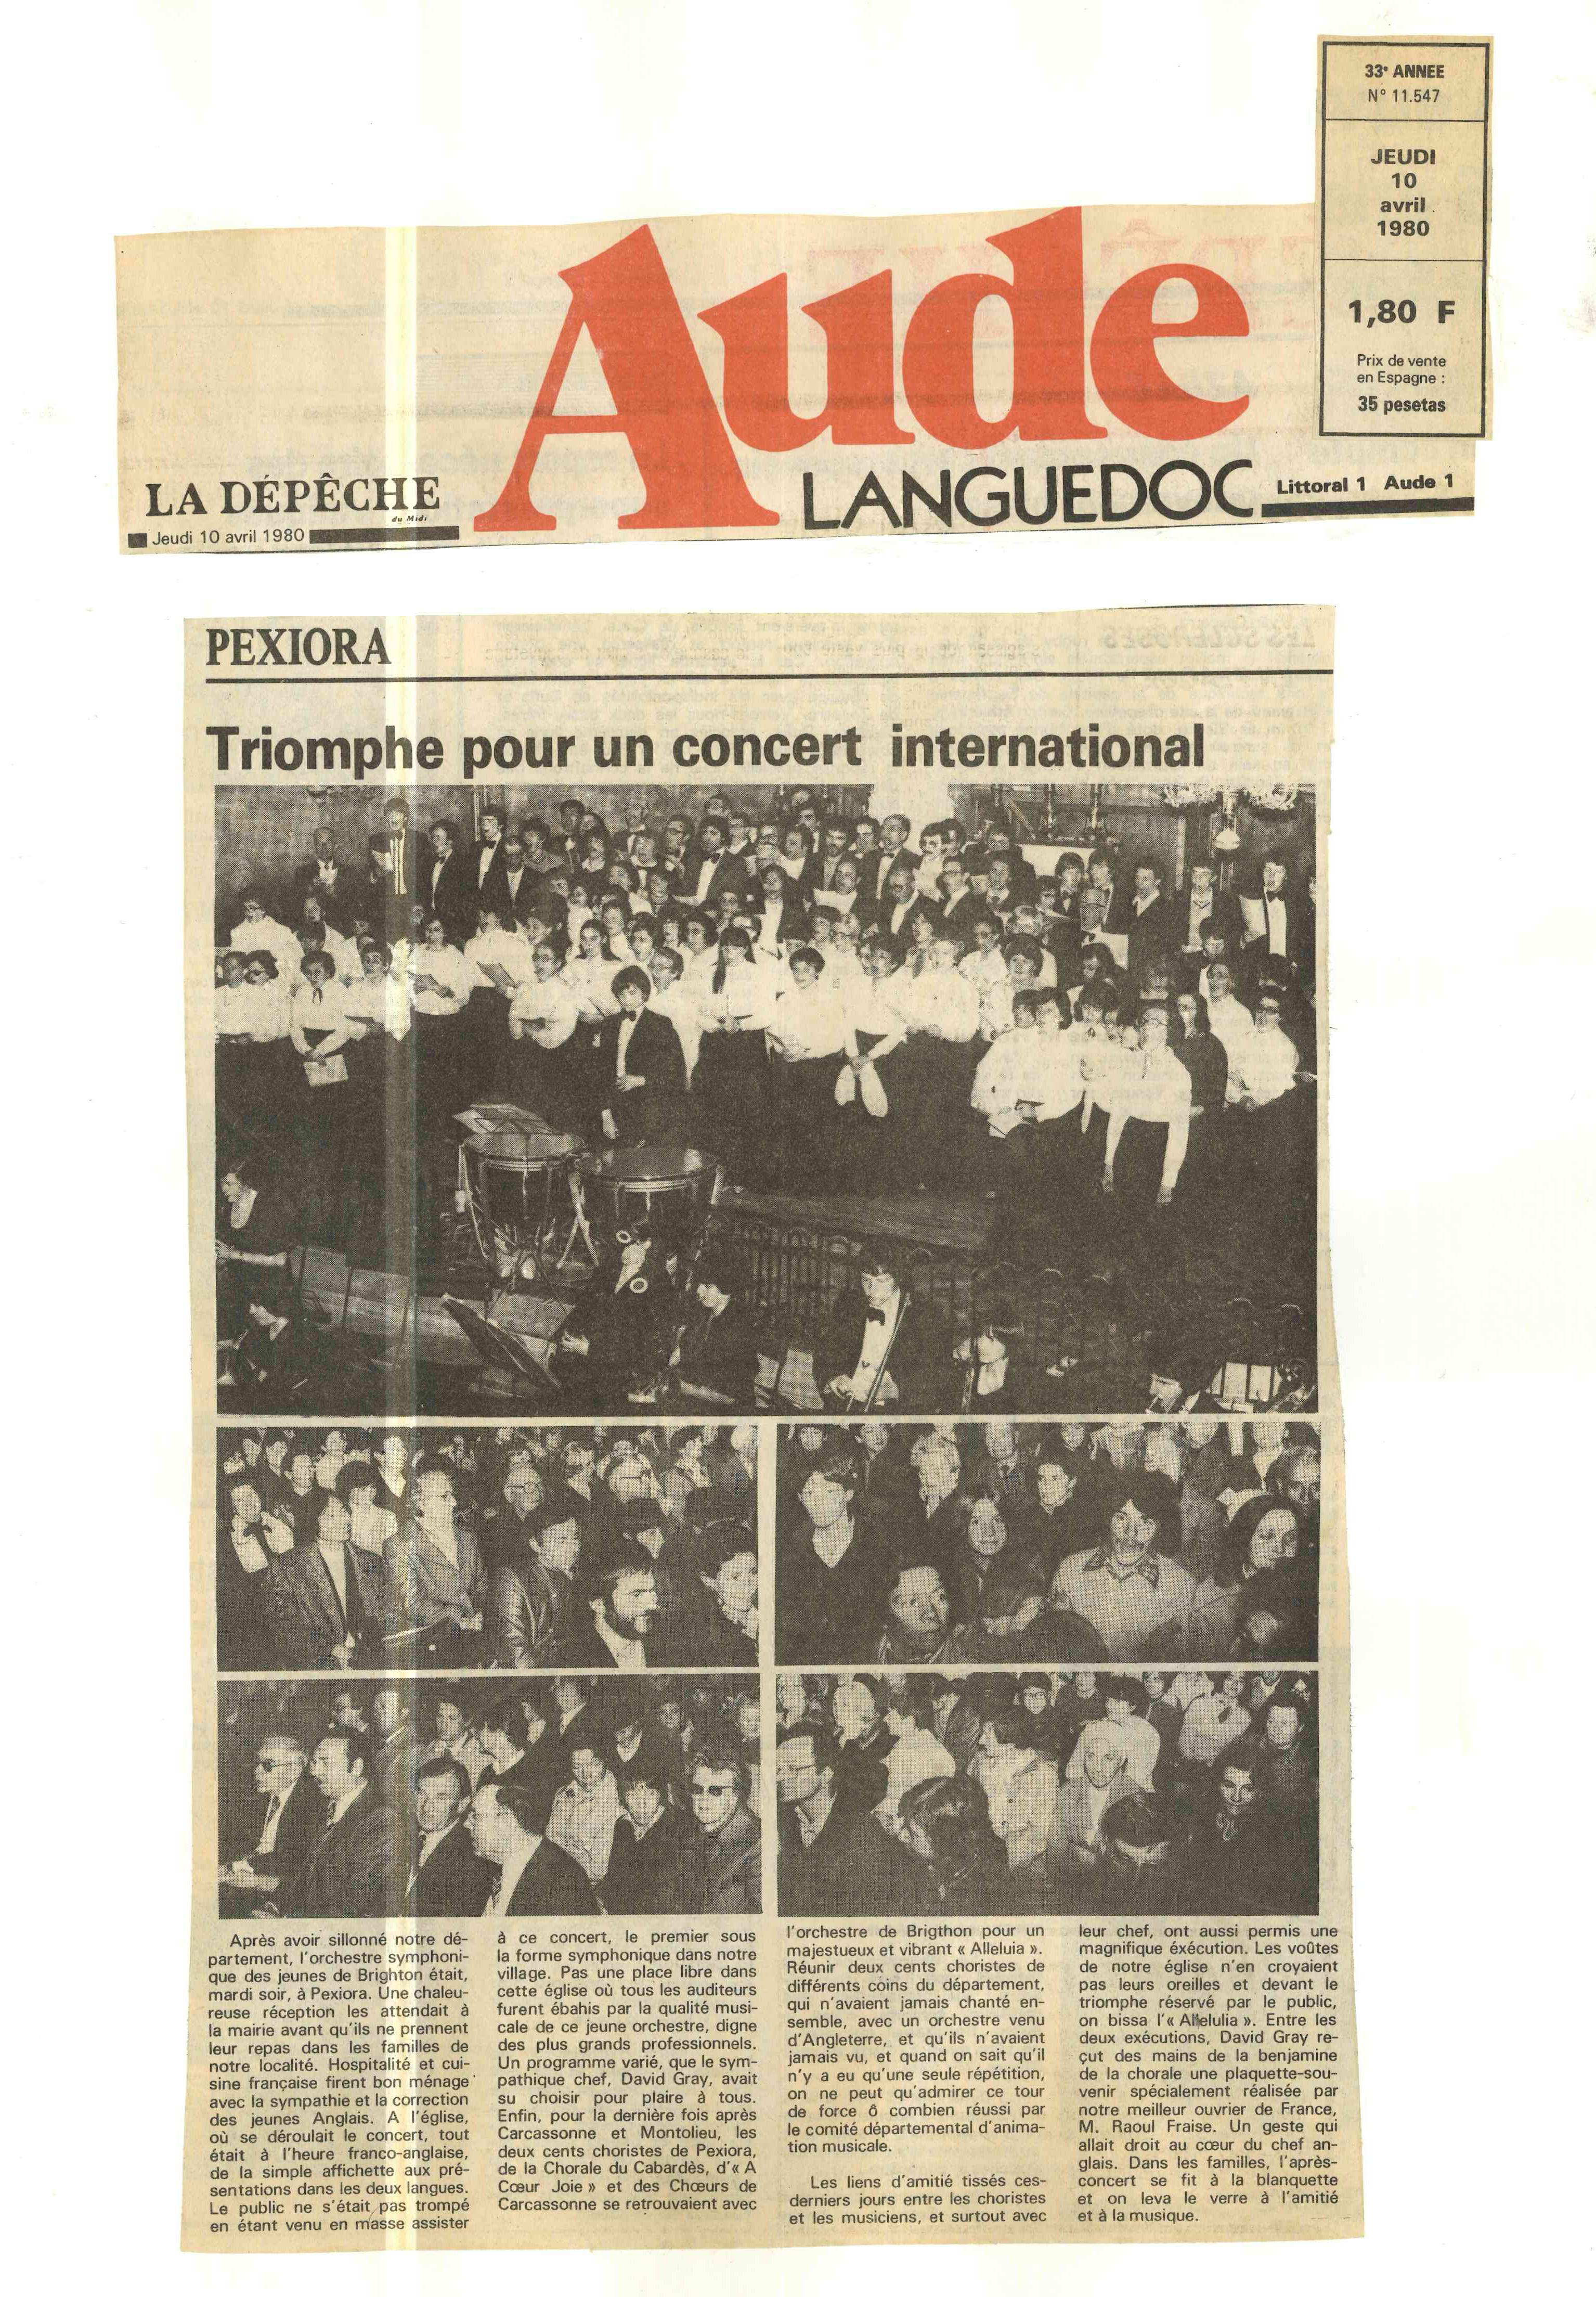 00203-La Depeche Aude, 10th April 1980.jpg